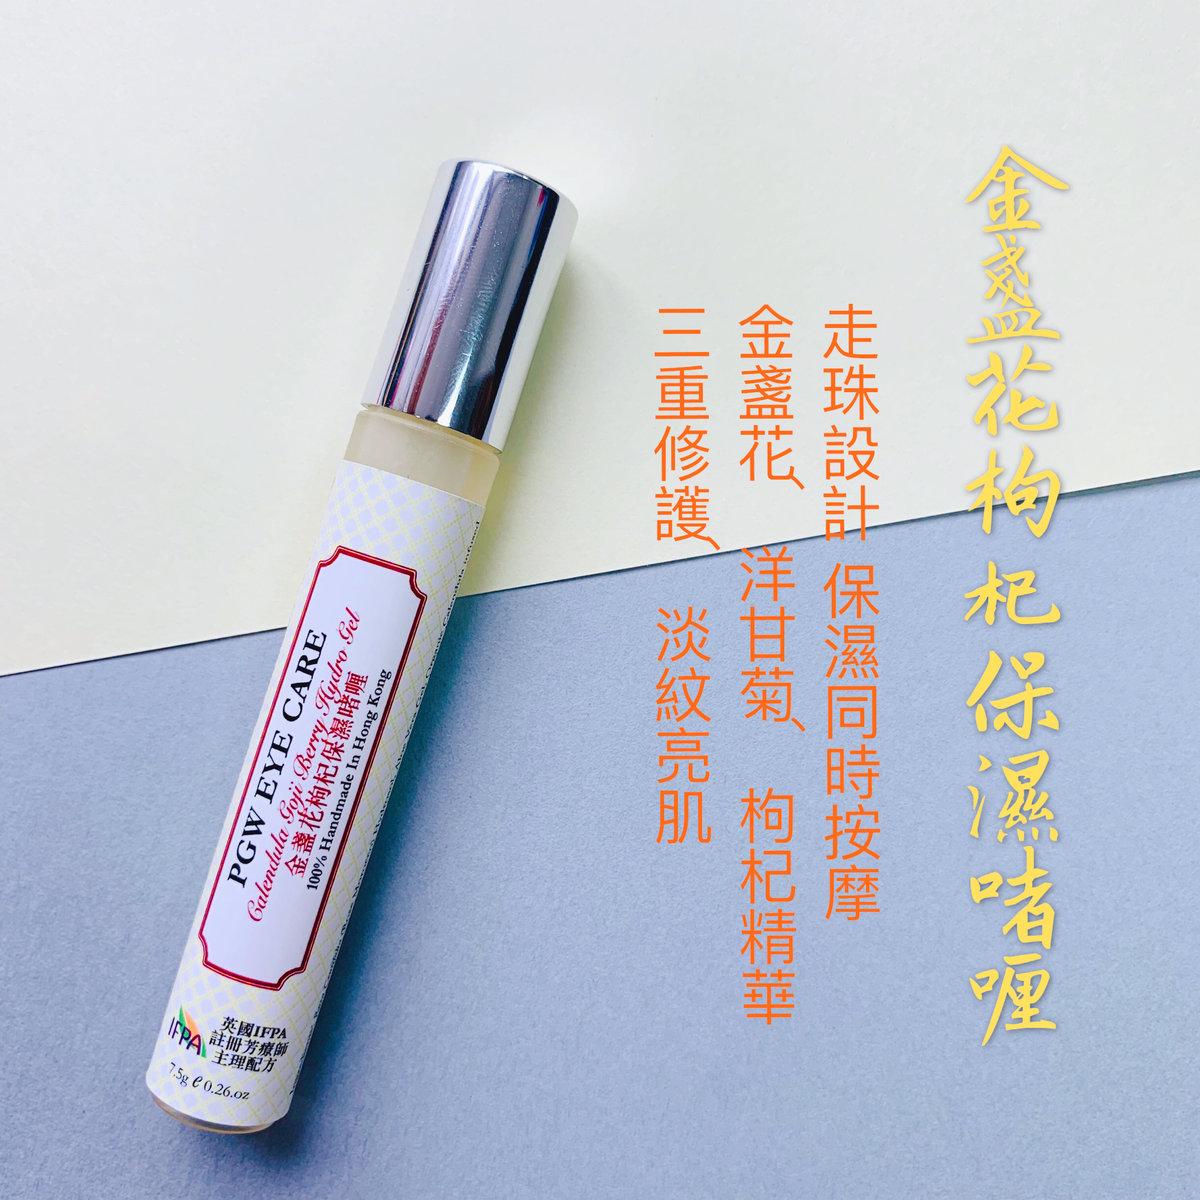 金盞花枸杞保濕啫喱 7.5g (走珠筆設計)